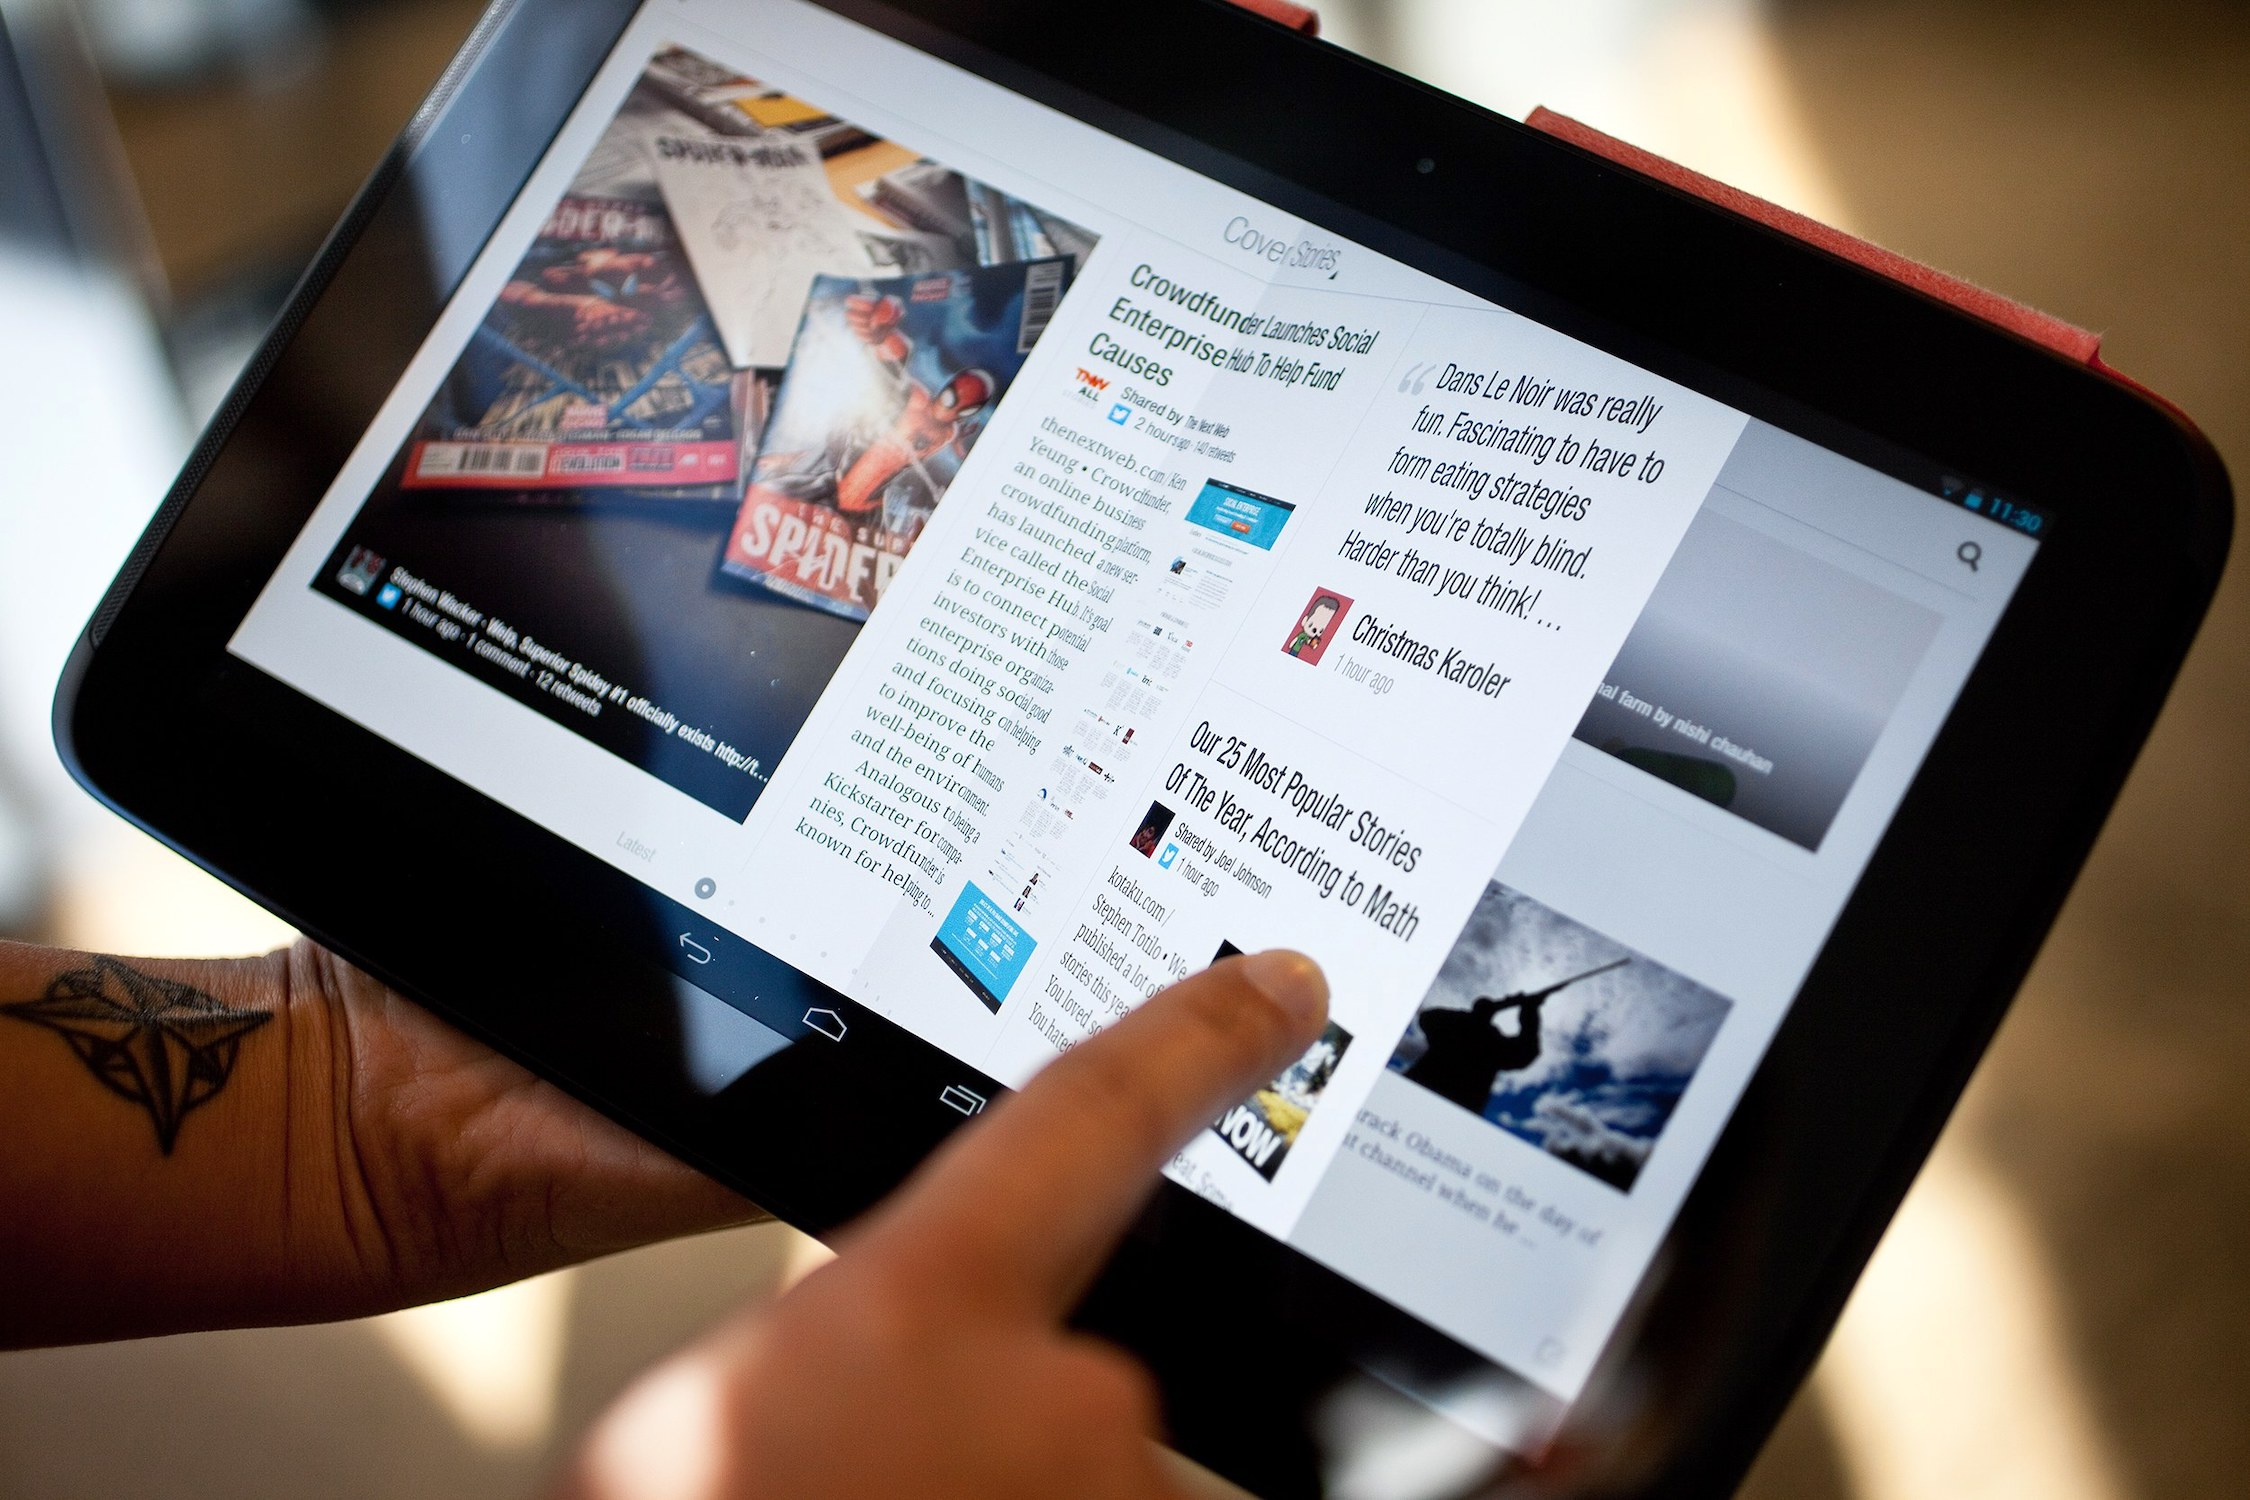 journo.com.tr - Nihan Bora Sapmaz - Flipboard, Bundle ve Nabız: Haber derleme uygulamaları yaygınlaşıyor